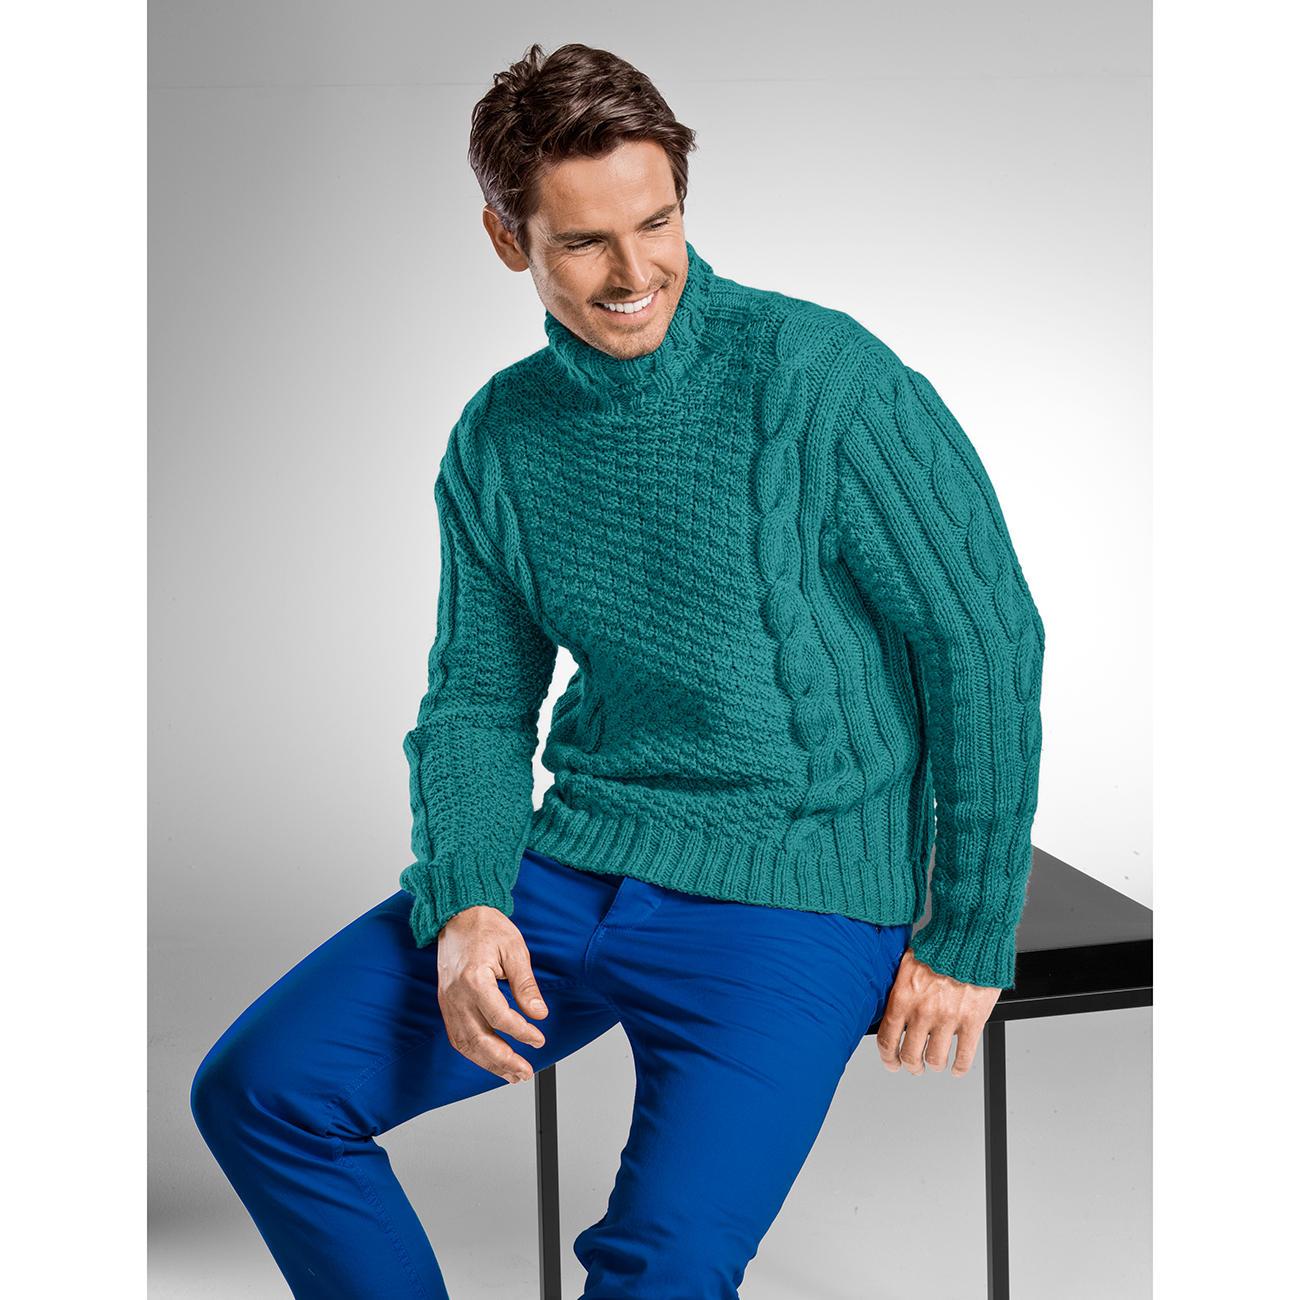 Genial Moderne Pullover Ideen Von Anleitung 265/6, Aus Uppland Von Junghans-wolle